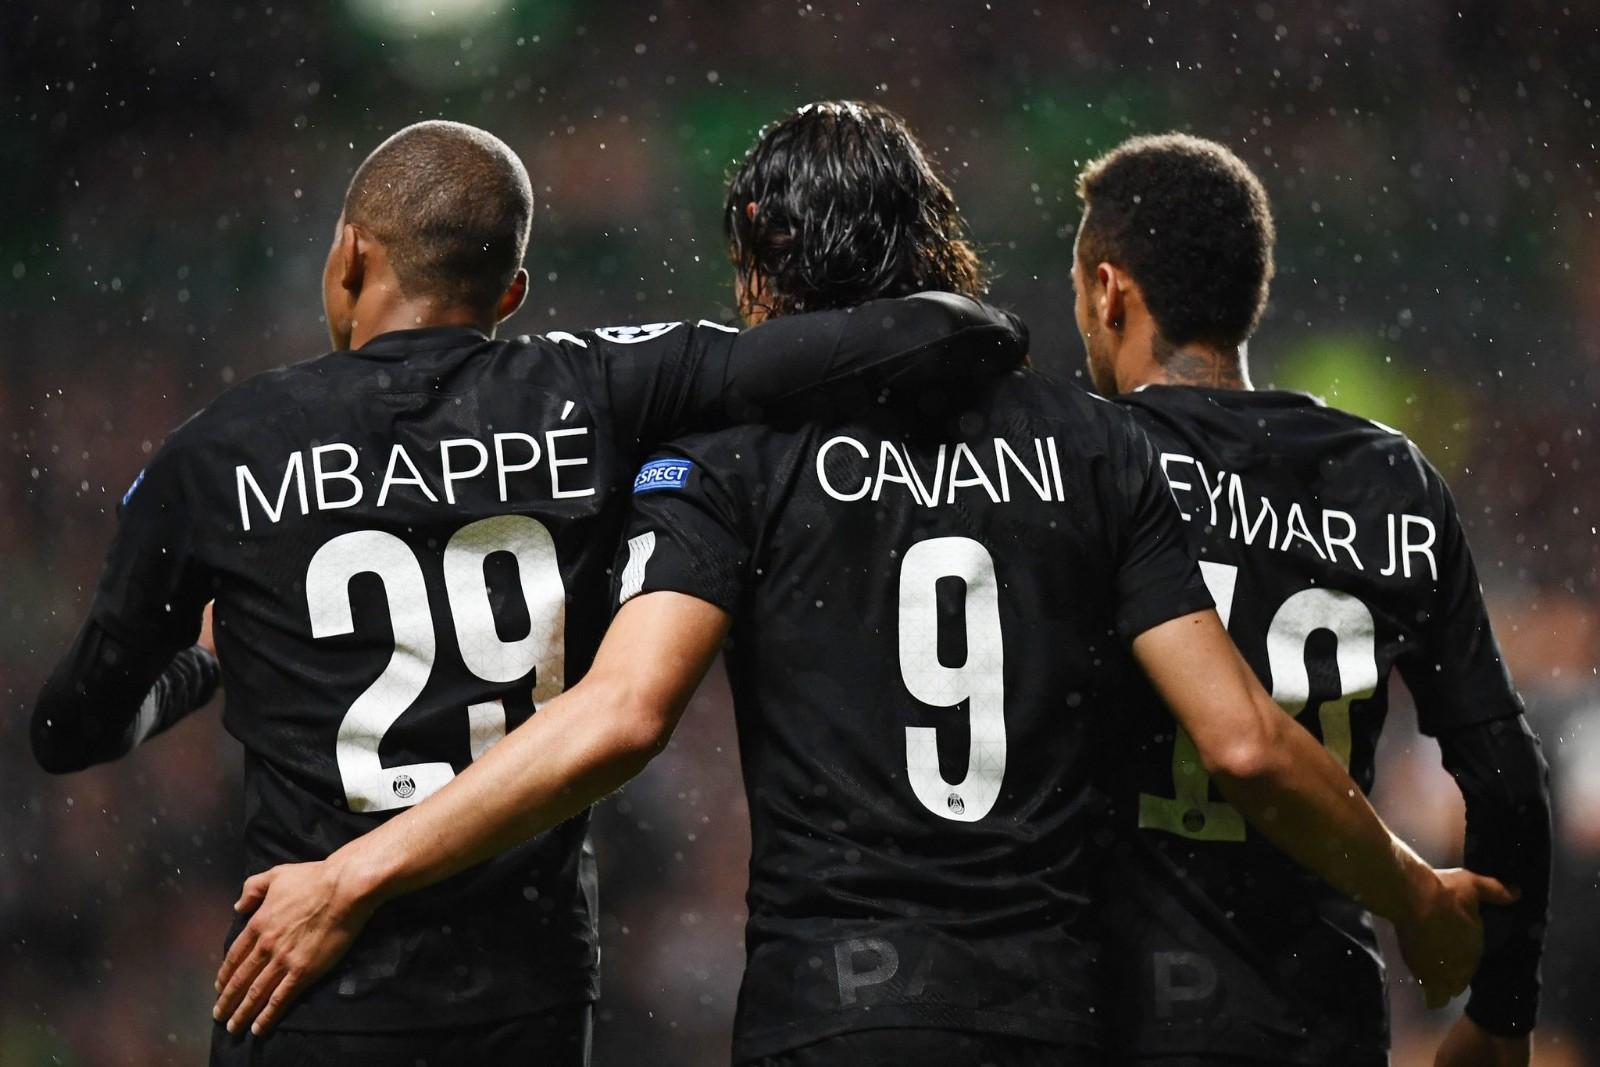 当大巴黎的球星在世界杯大放异彩时,俱乐部却在努力避免经济处罚